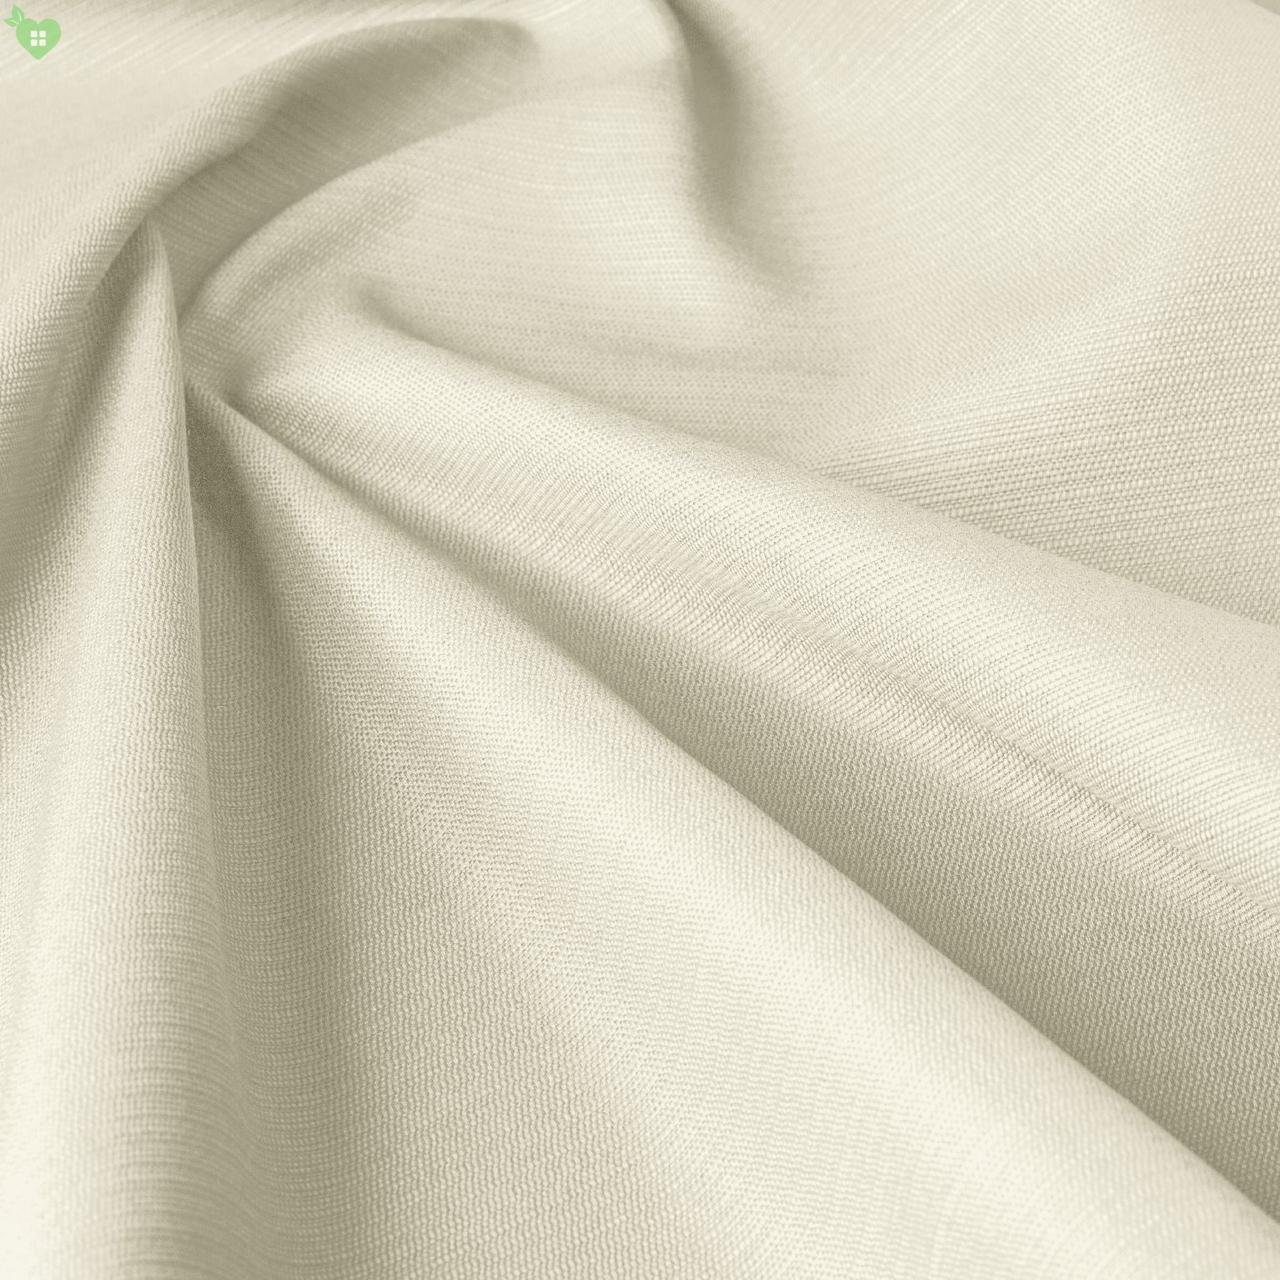 Вулична фактурна тканина бежевого кольору для вуличних подушок 84261v2